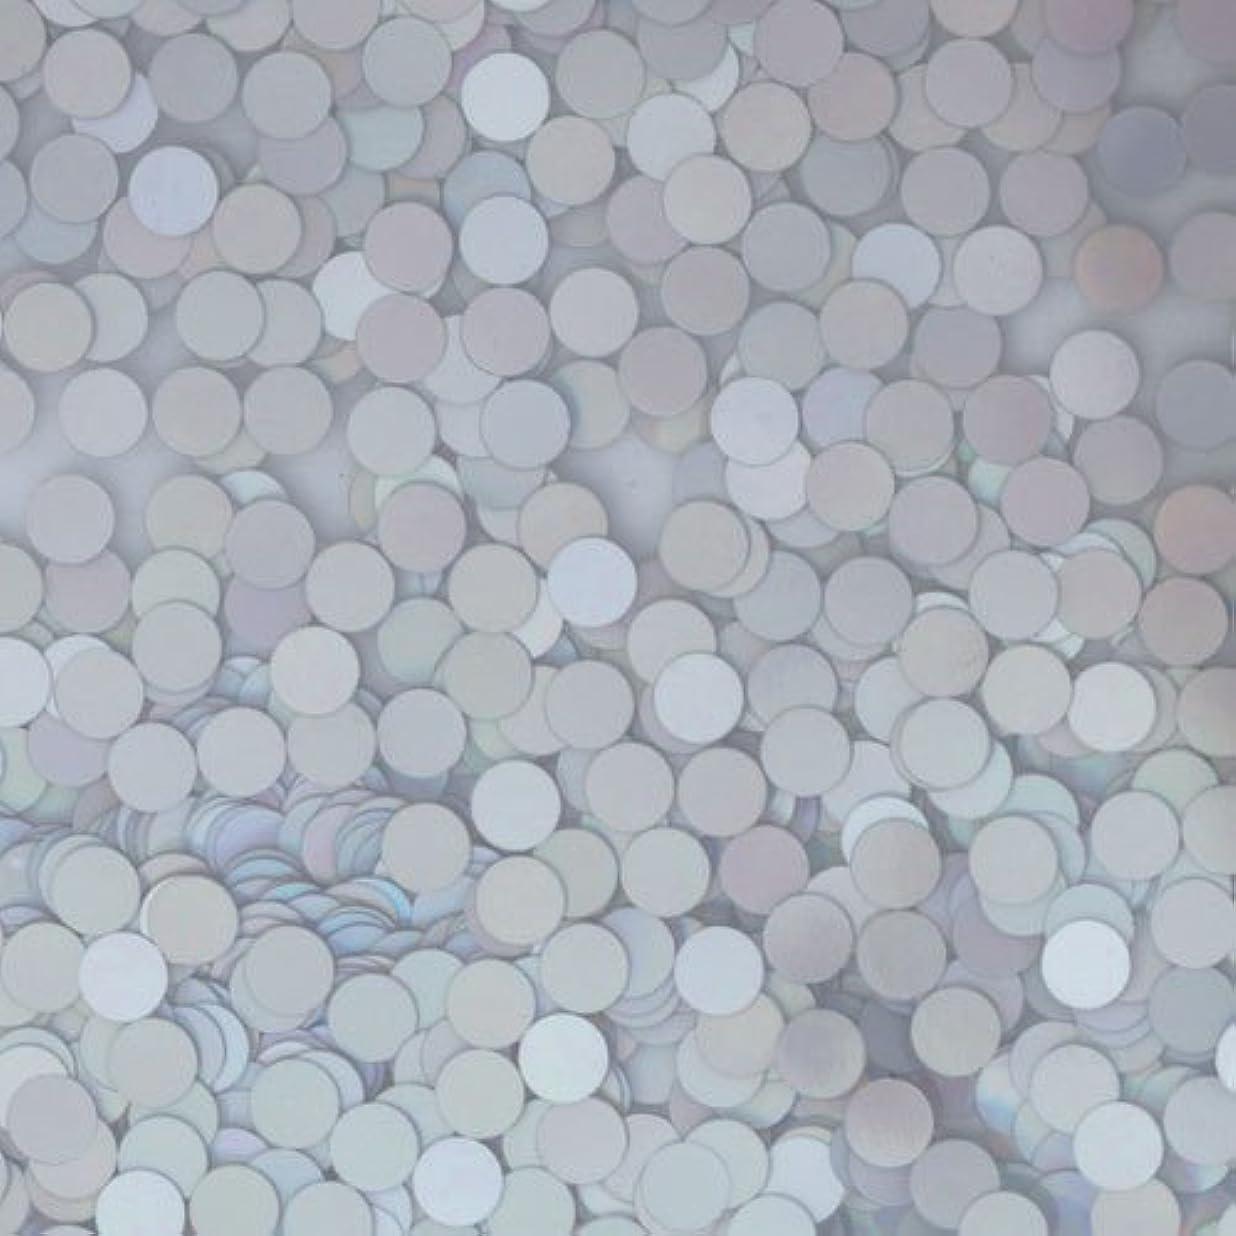 アパル可能にするワットピカエース ネイル用パウダー ピカエース 丸ホロ 1.5mm #883 マットシルバー 0.5g アート材